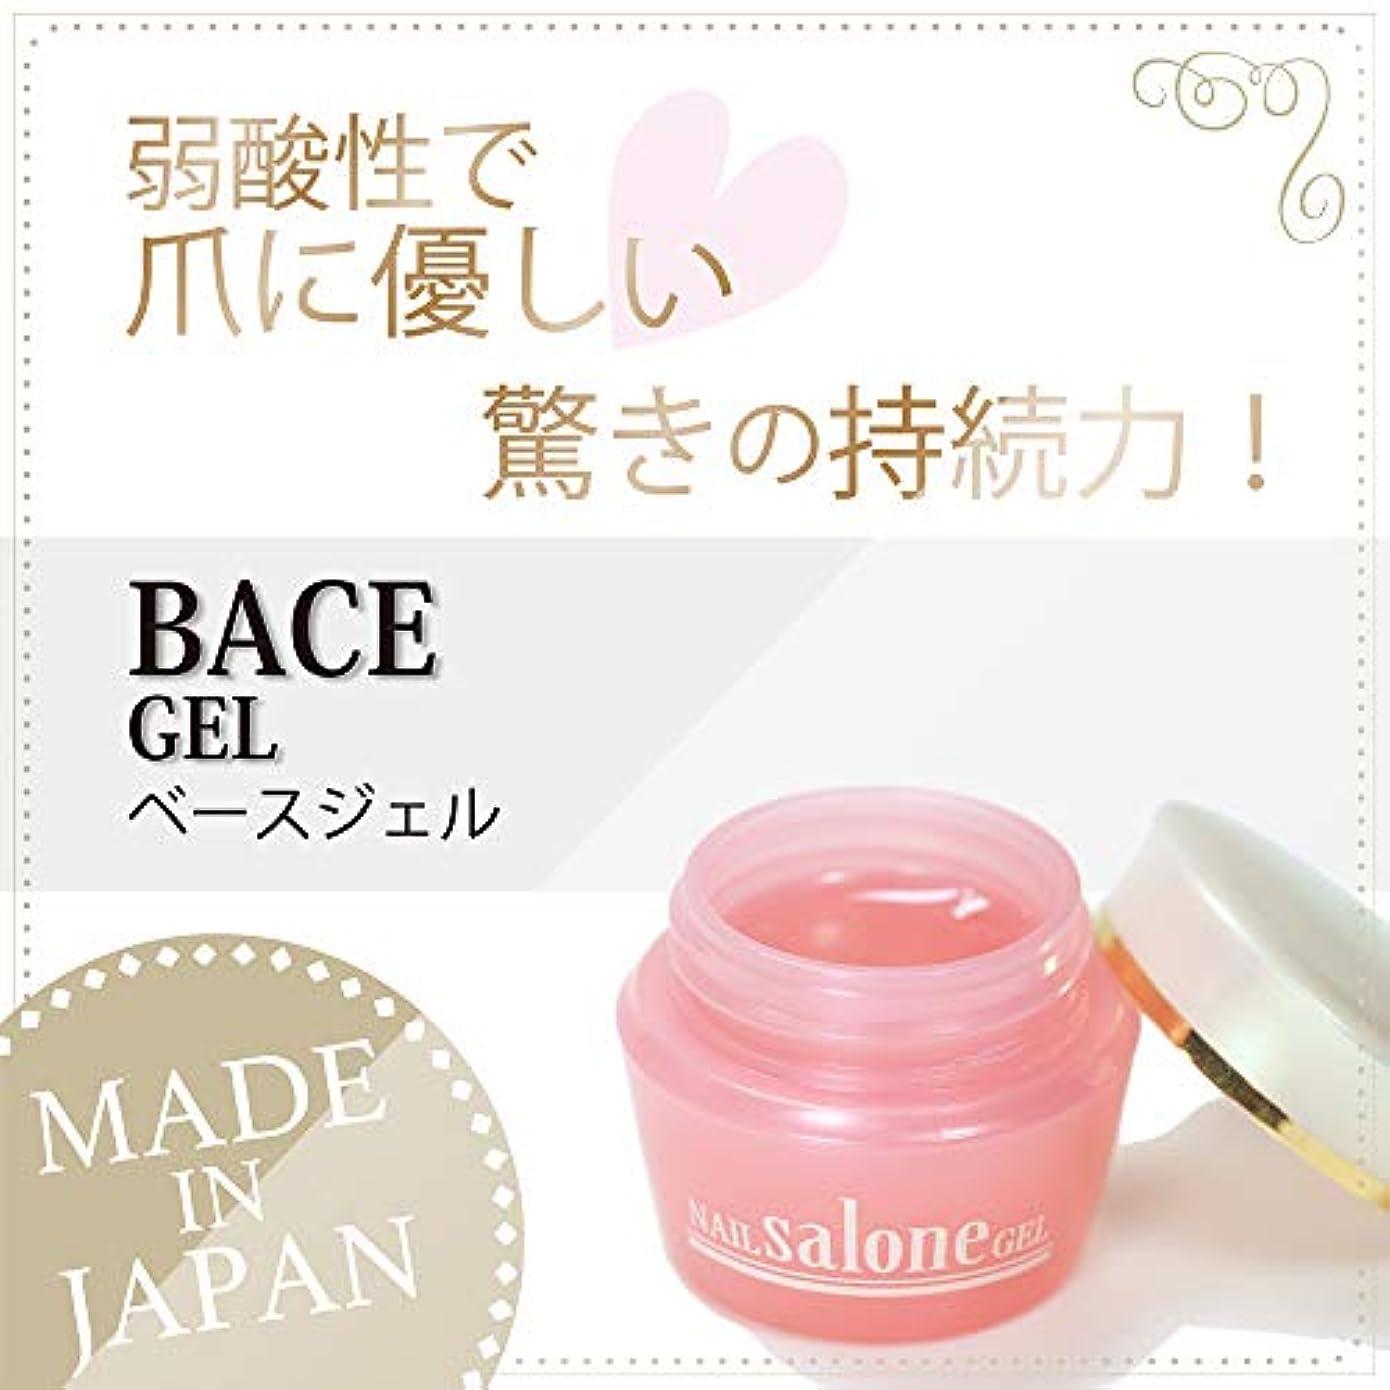 セーターリア王マスタードSalone gel サローネ ベースジェル 爪に優しい 日本製 驚きの密着力 リムーバーでオフも簡単3g